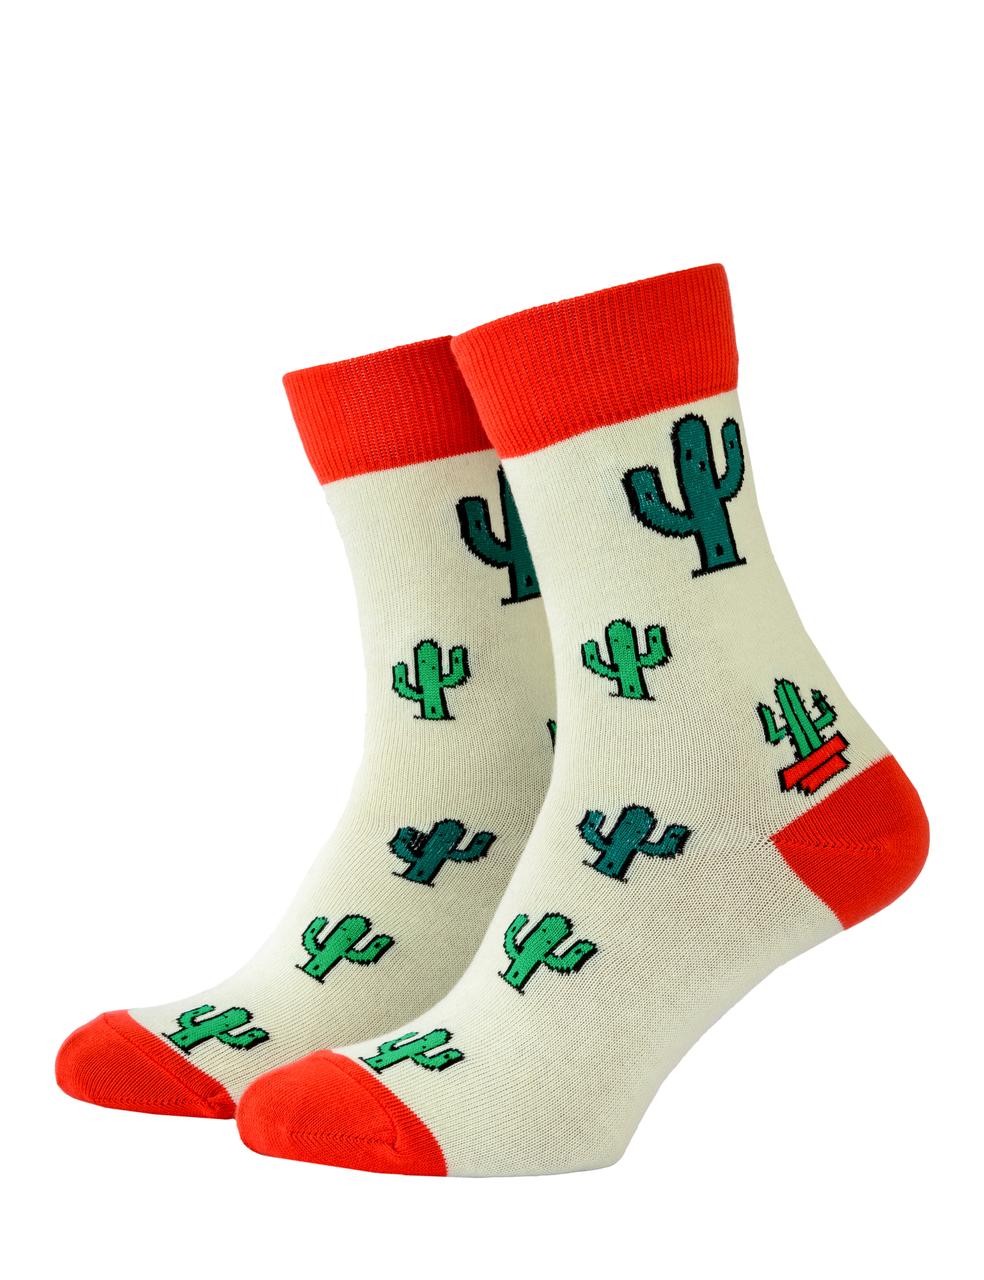 Носки Mushka Cactus (CAC001) 41-45